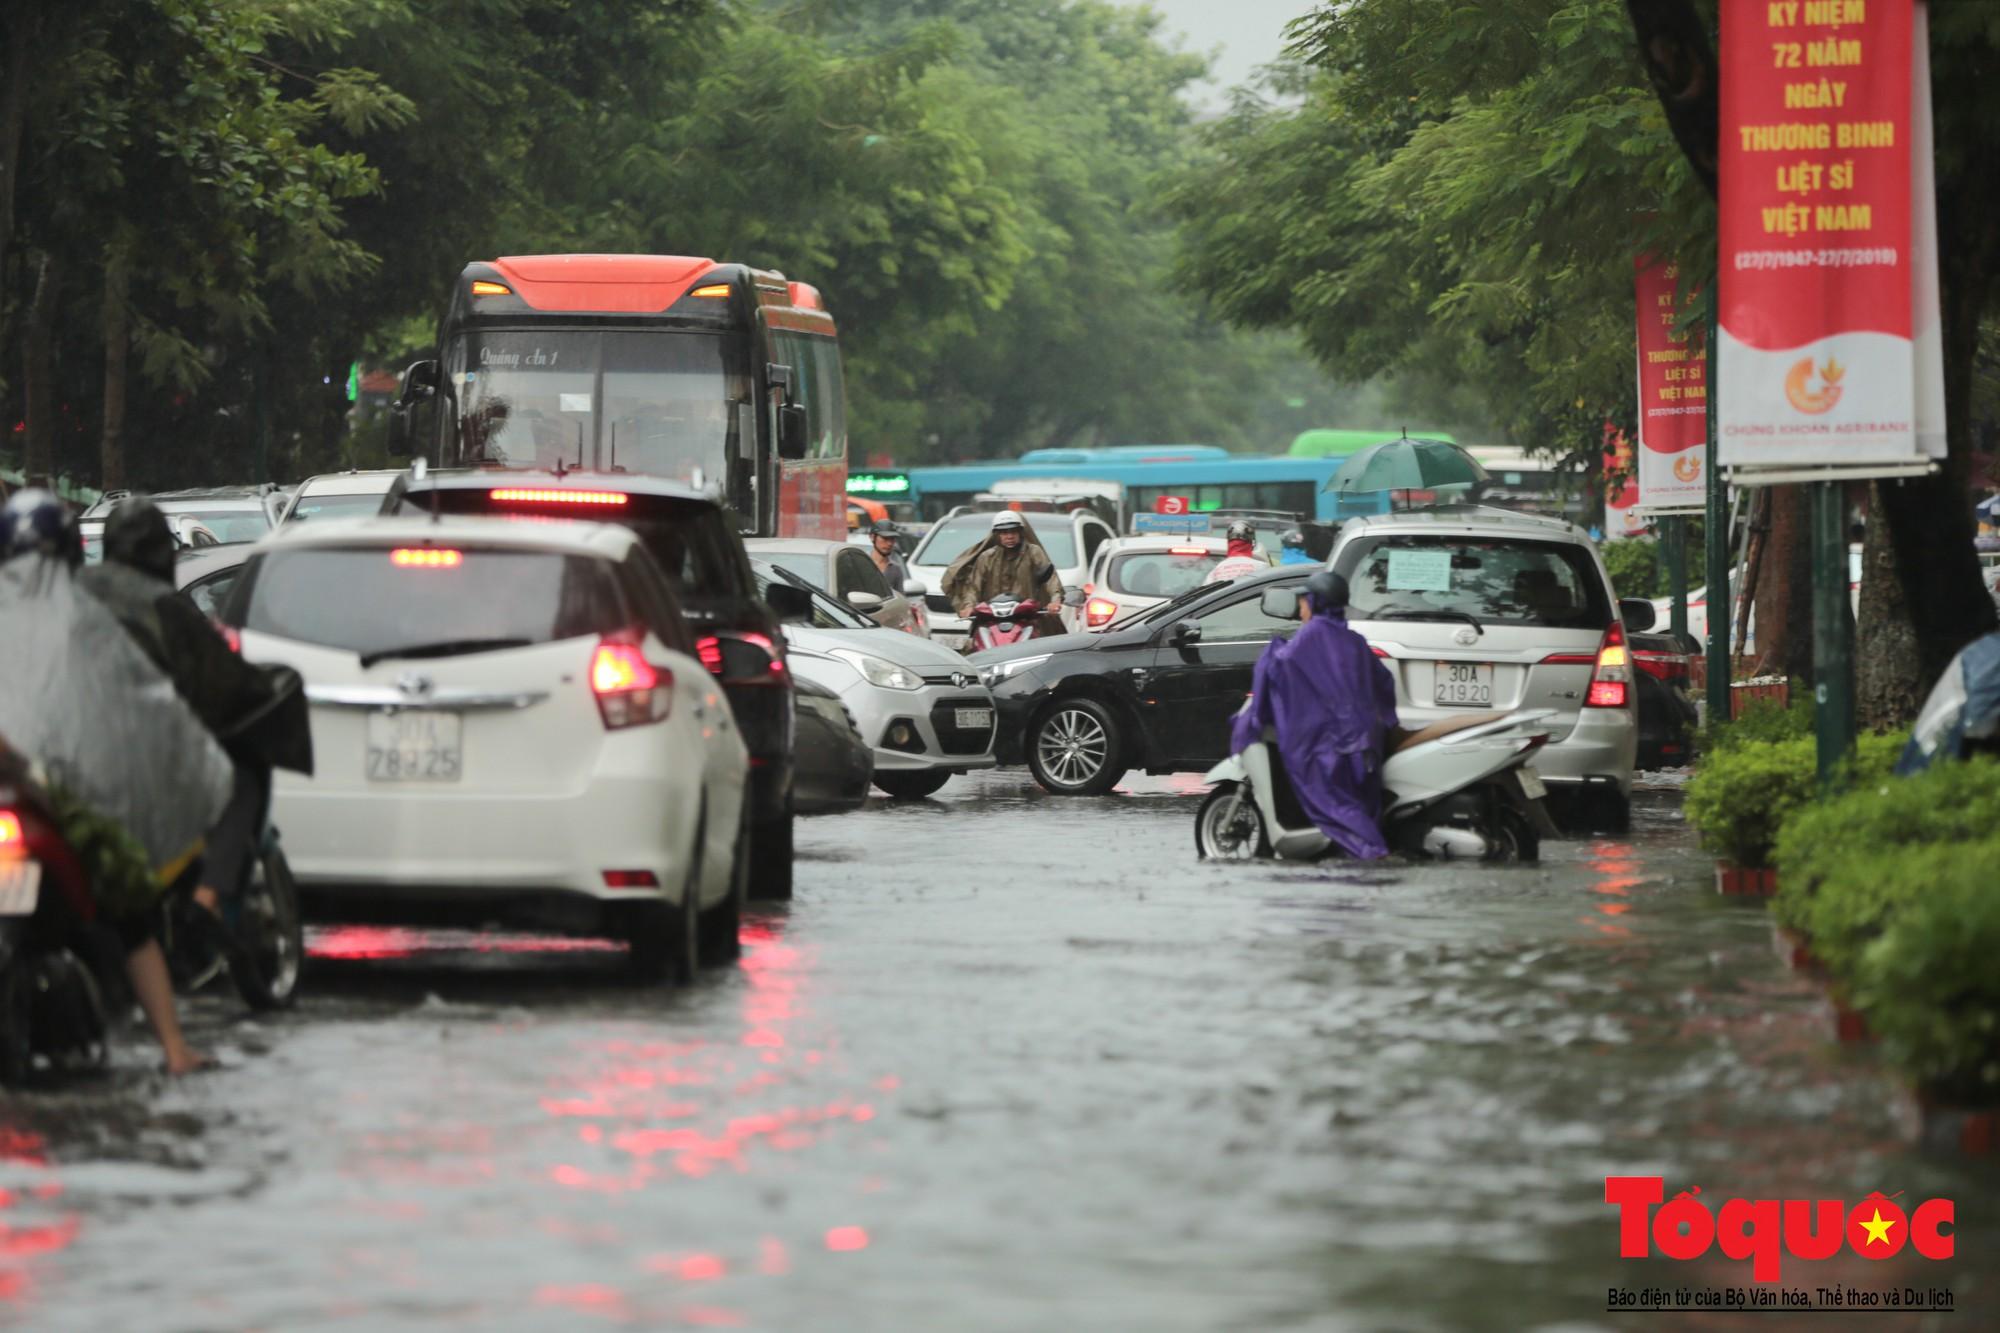 Hà Nội mưa lớn, xế hộp tập bơi qua tuyến phố ngâp nước (8)